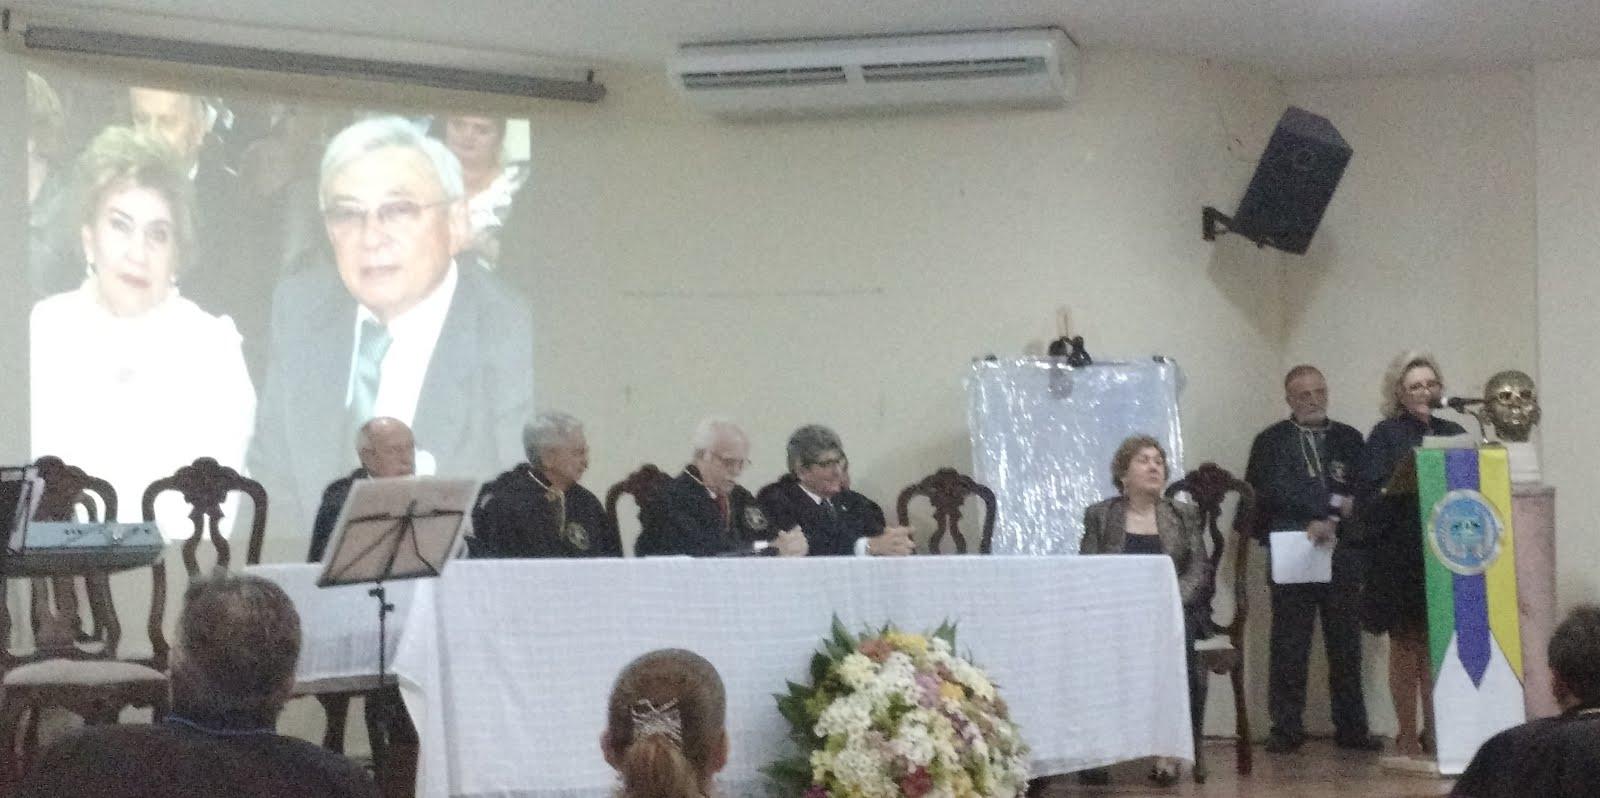 POSSE GRAÇA DIAS BRANCO DA ESCÓSSIA